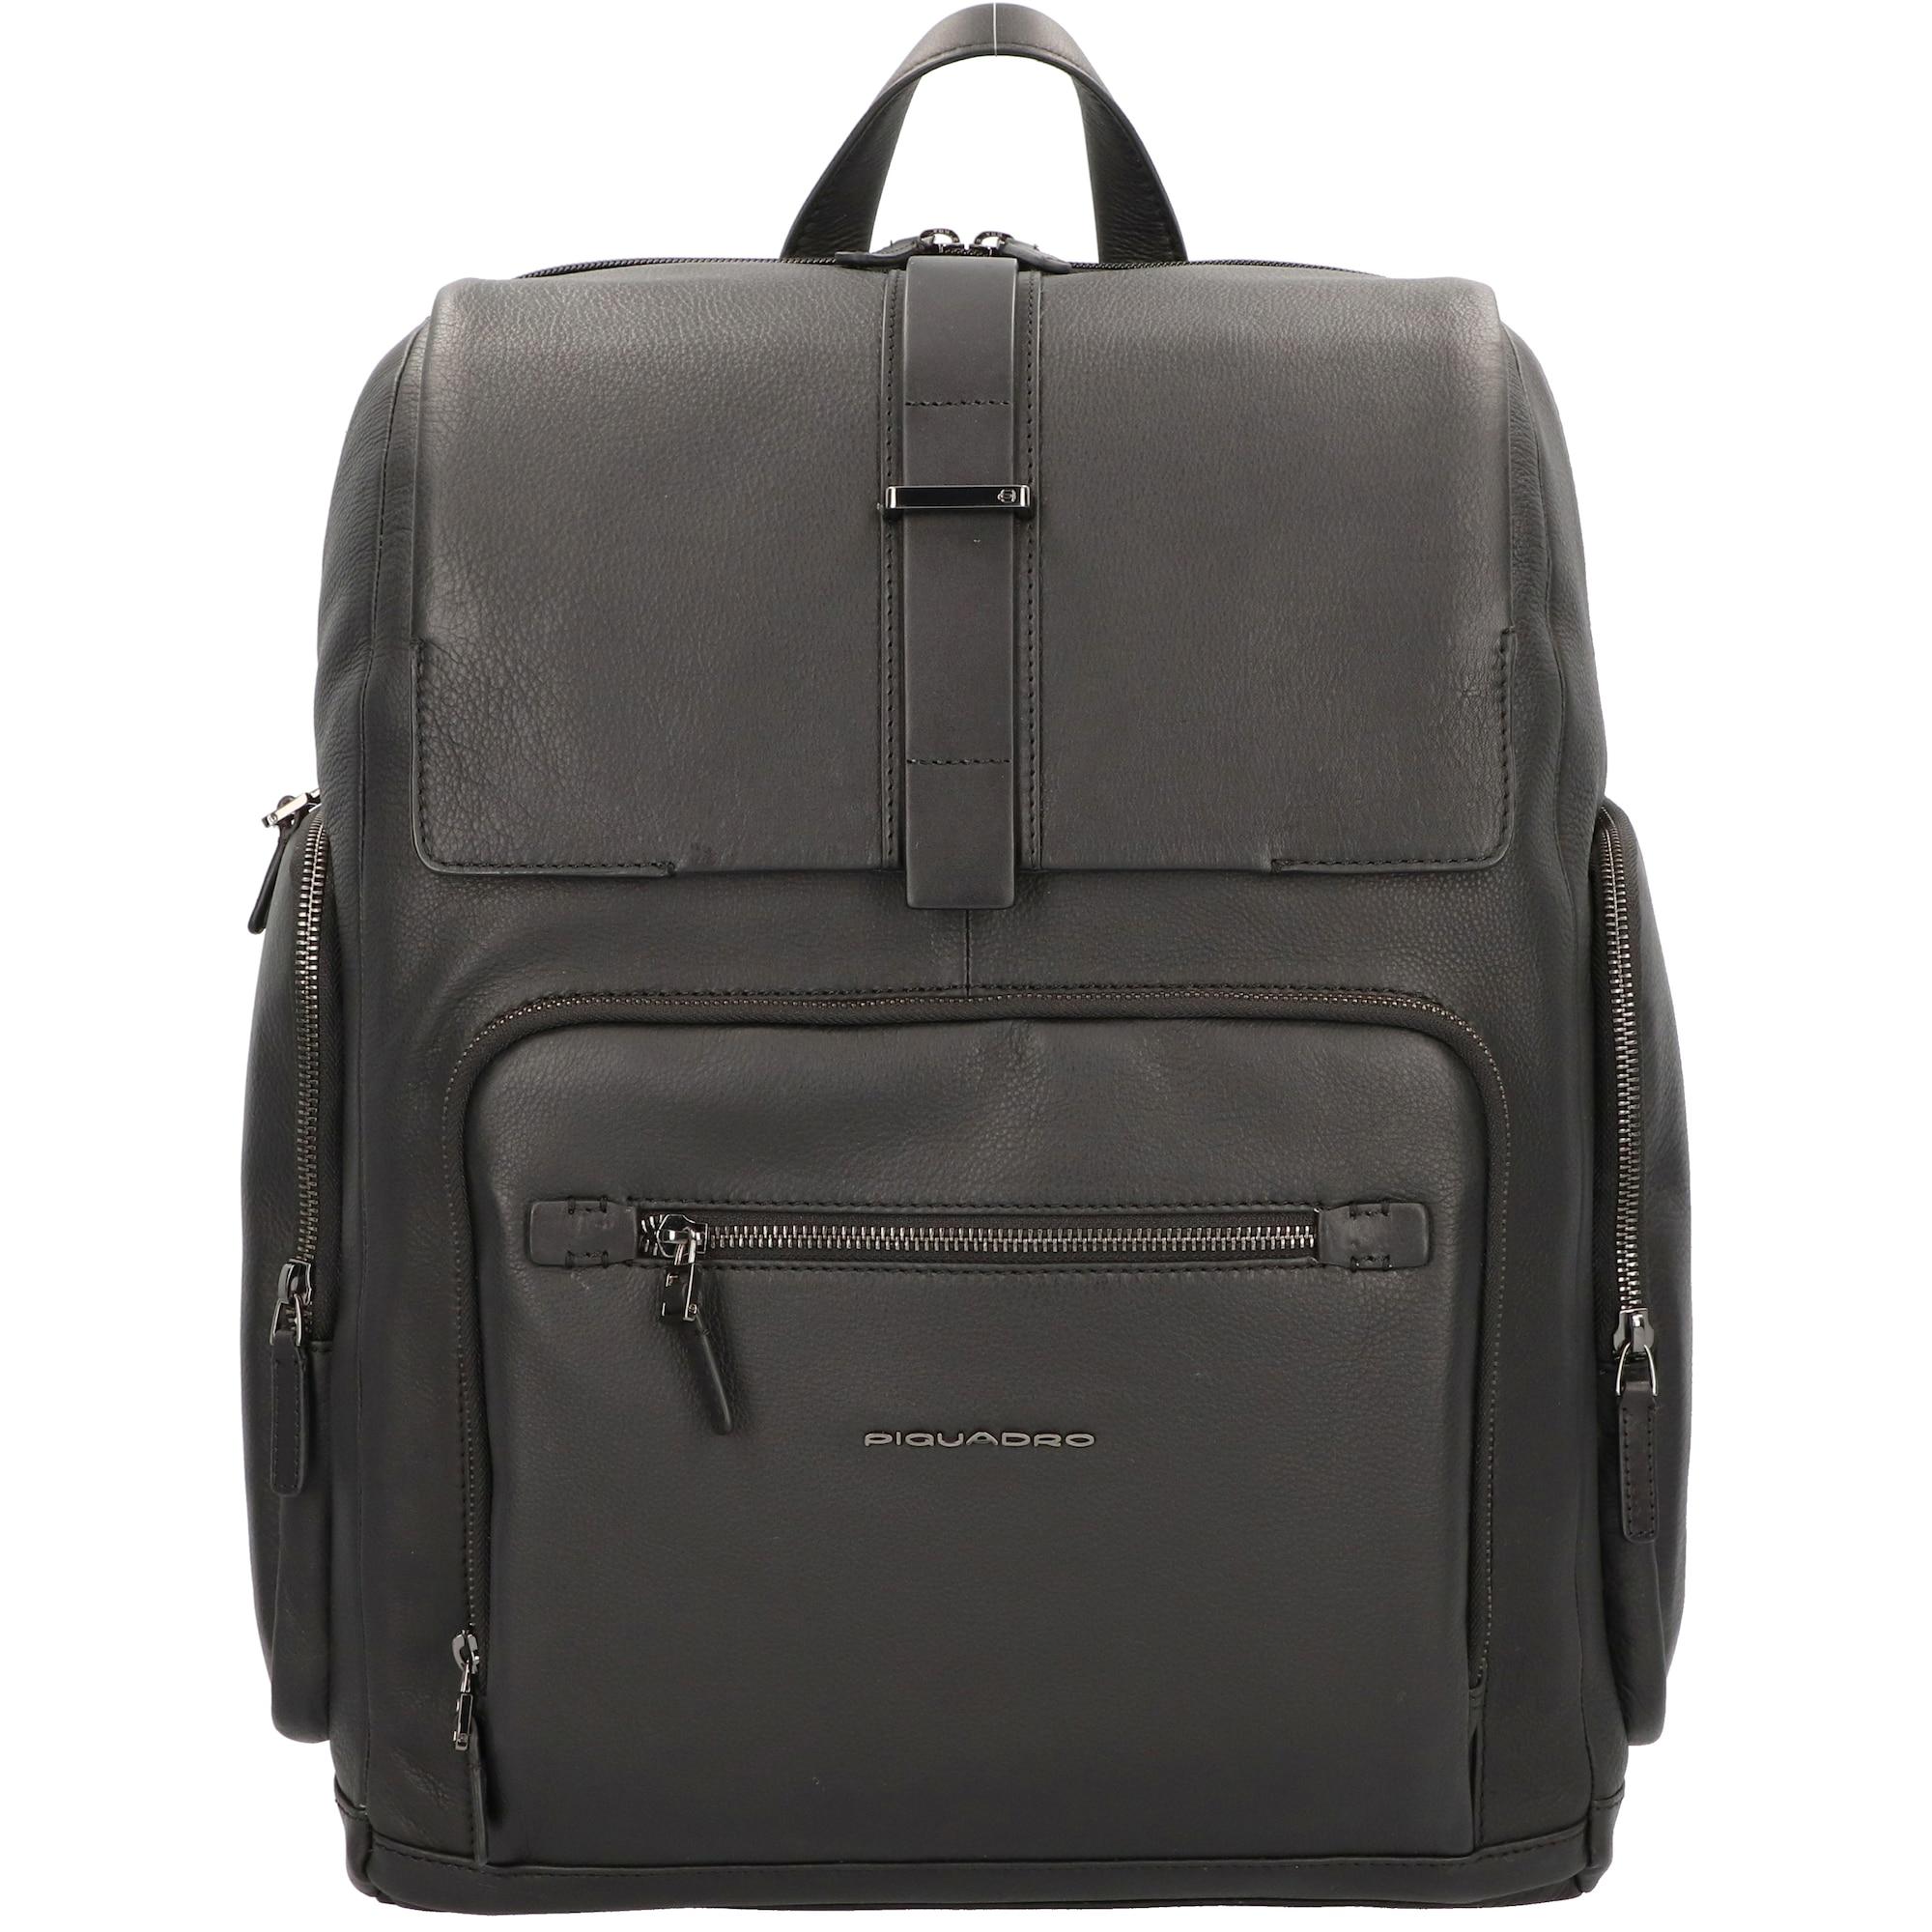 Businessrucksack 'Bae' | Taschen > Businesstaschen > Business Rucksäcke | Piquadro